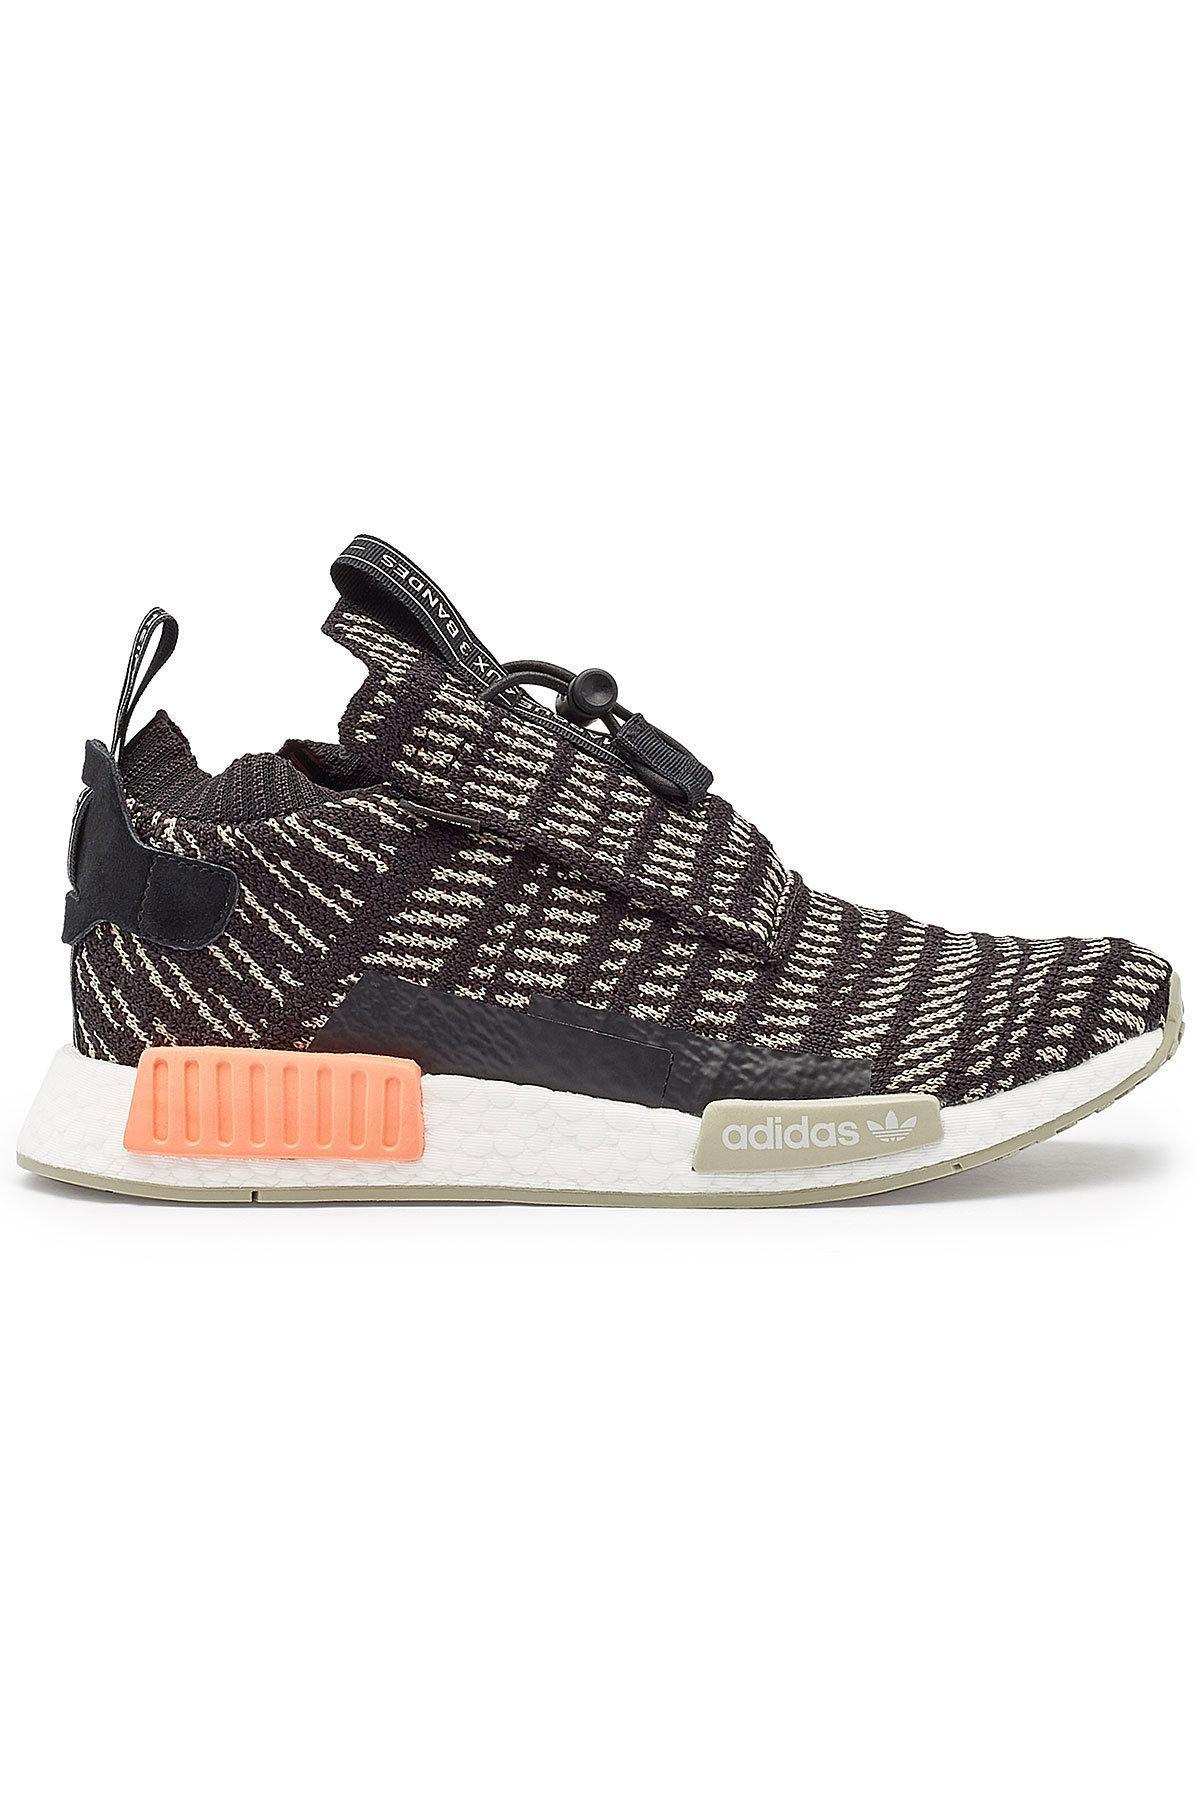 e0f2bda45d463 Adidas Originals - Multicolor Nmd ts1 Pk Gore-tex Primeknit Sneakers for  Men - Lyst. View fullscreen